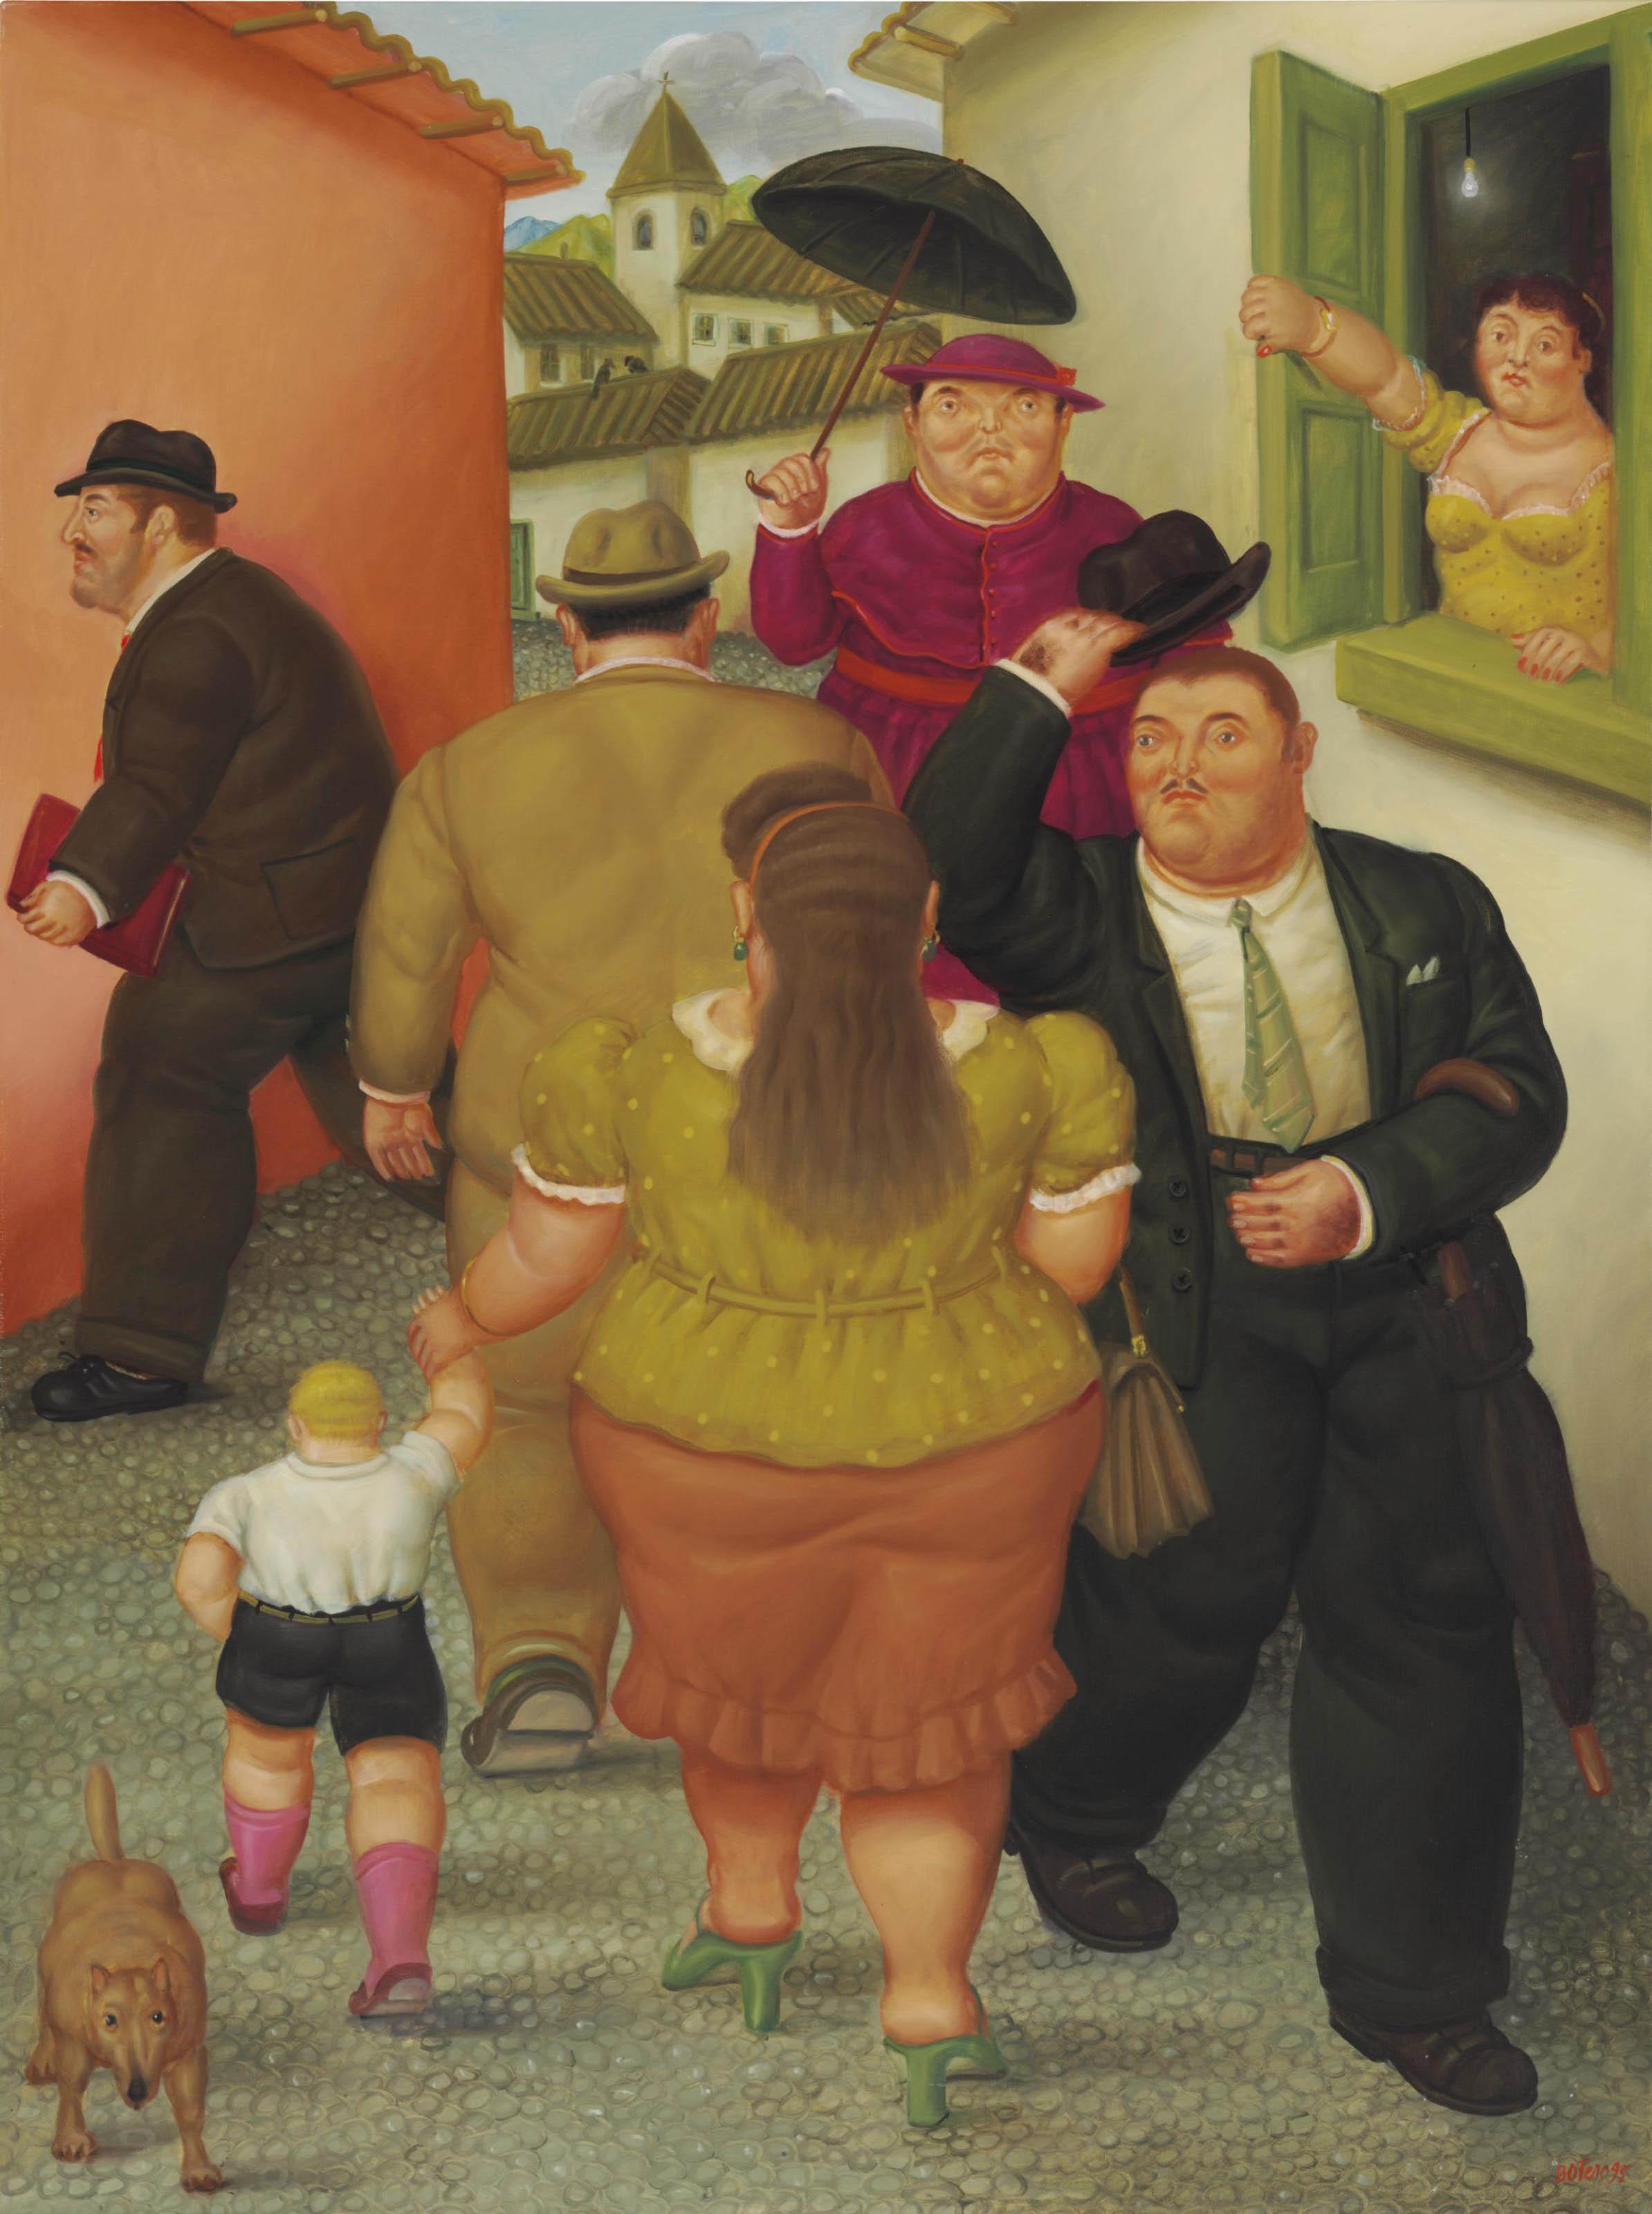 Fernando Botero (Colombian b. 1932)